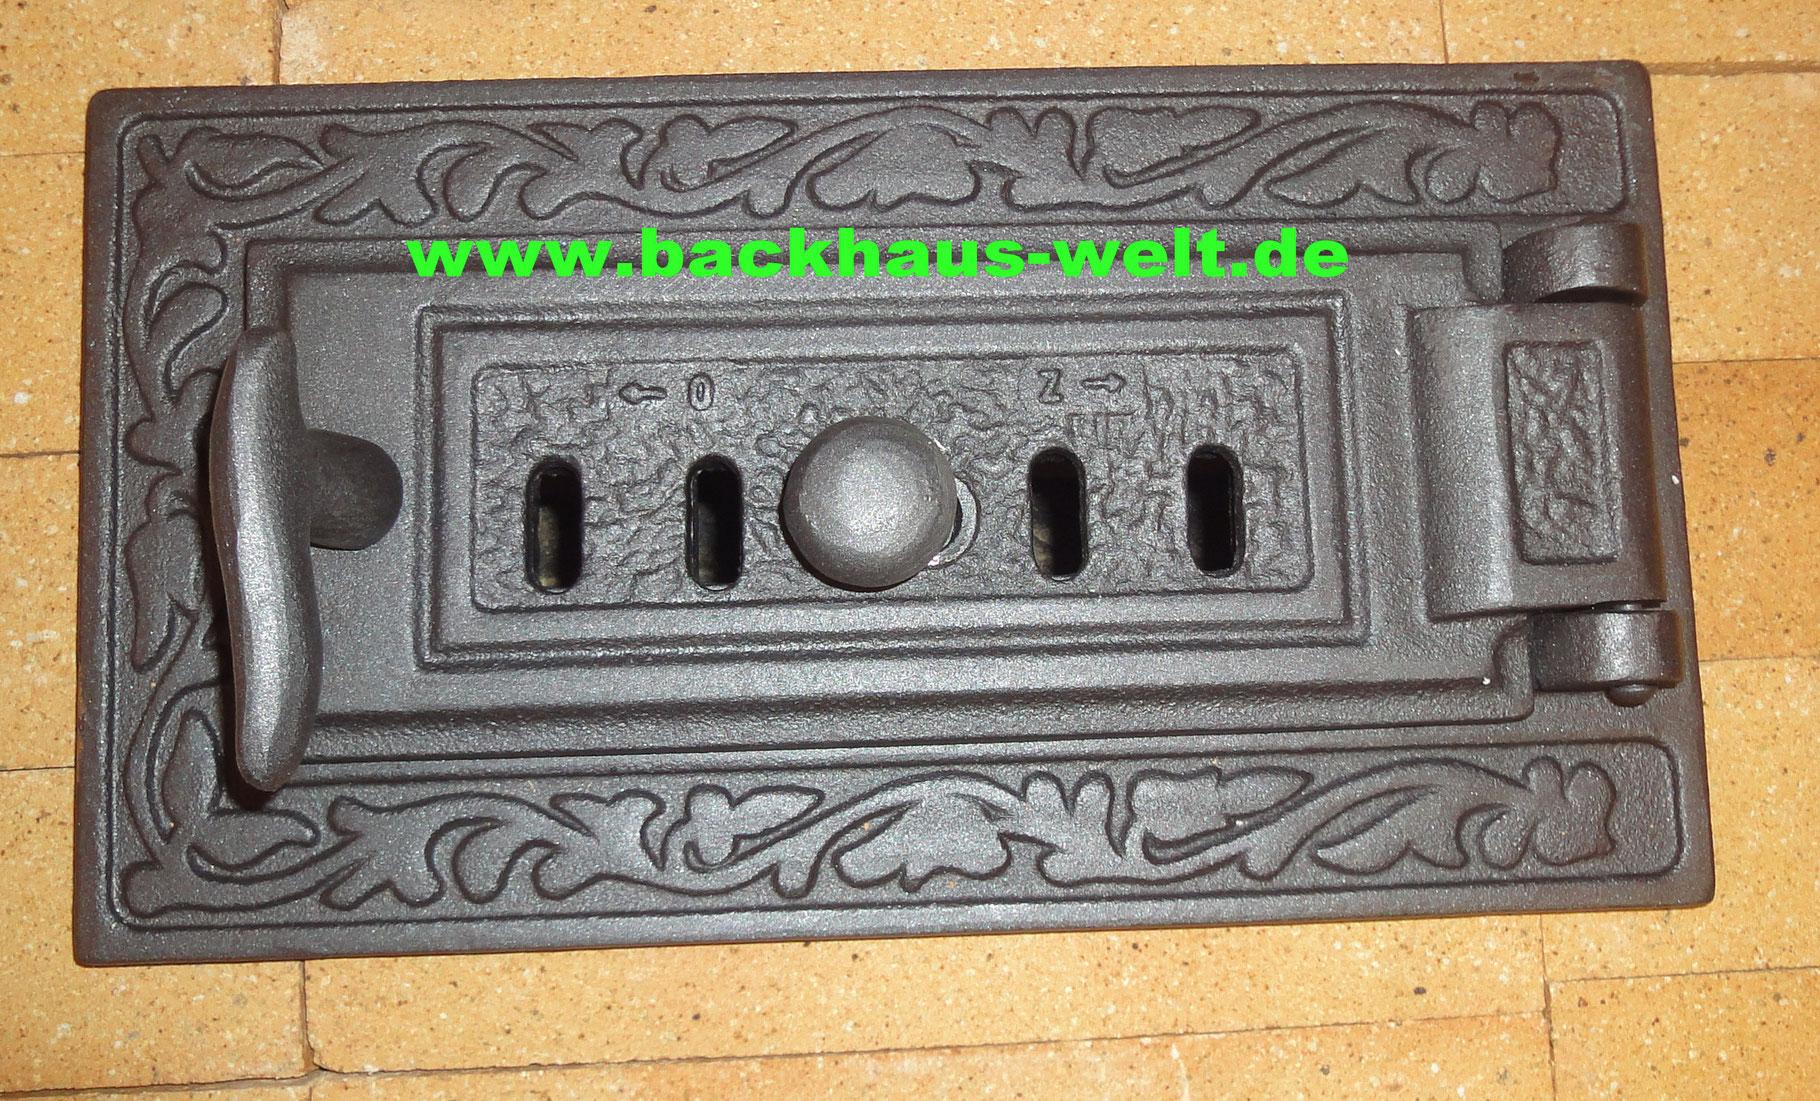 Revisionstür / Aschetür aus Gusseisen L32,5xB18 cm, Verziert